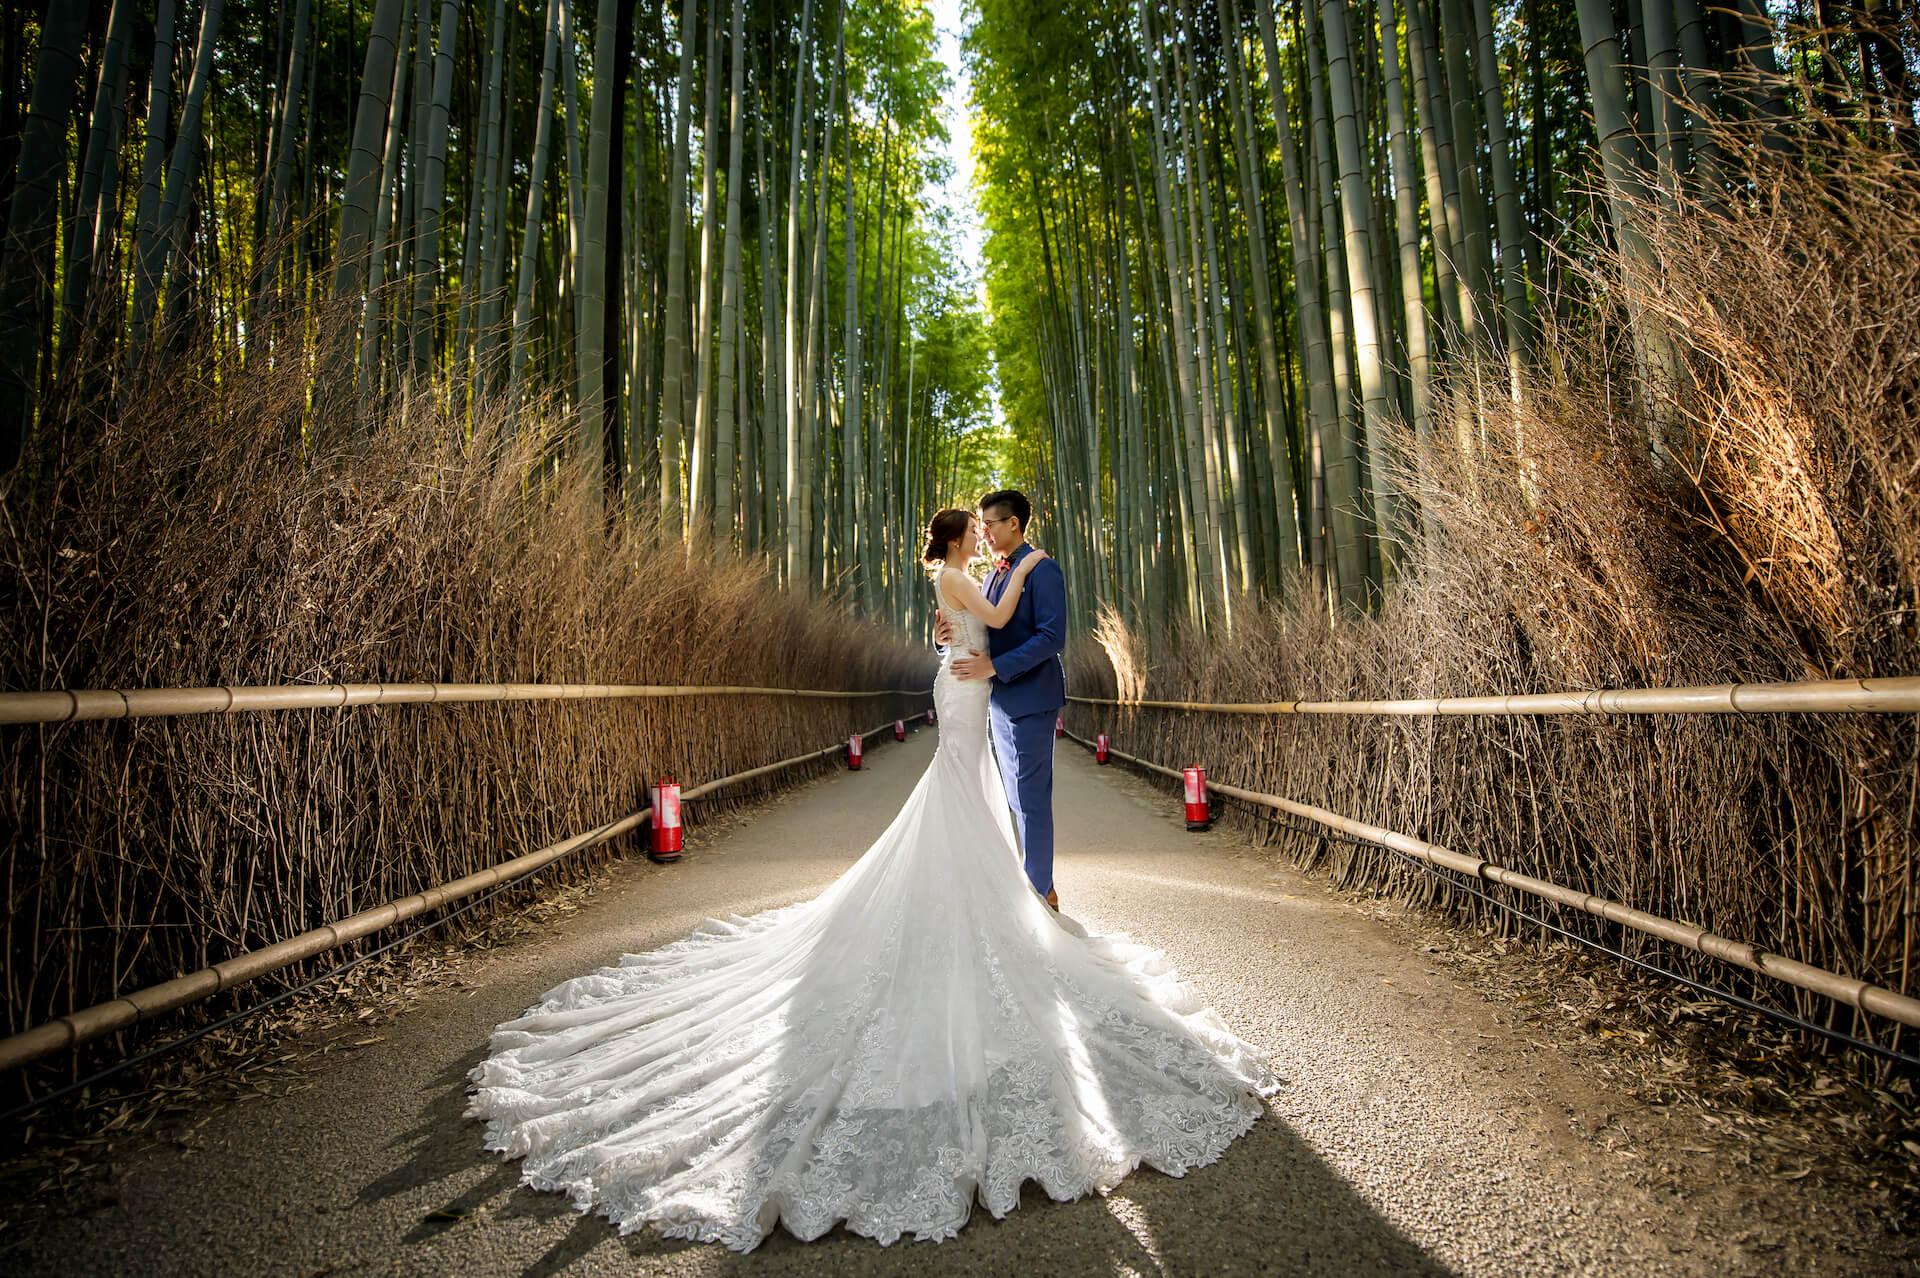 京都婚紗,嵐山婚紗,嵐山竹林